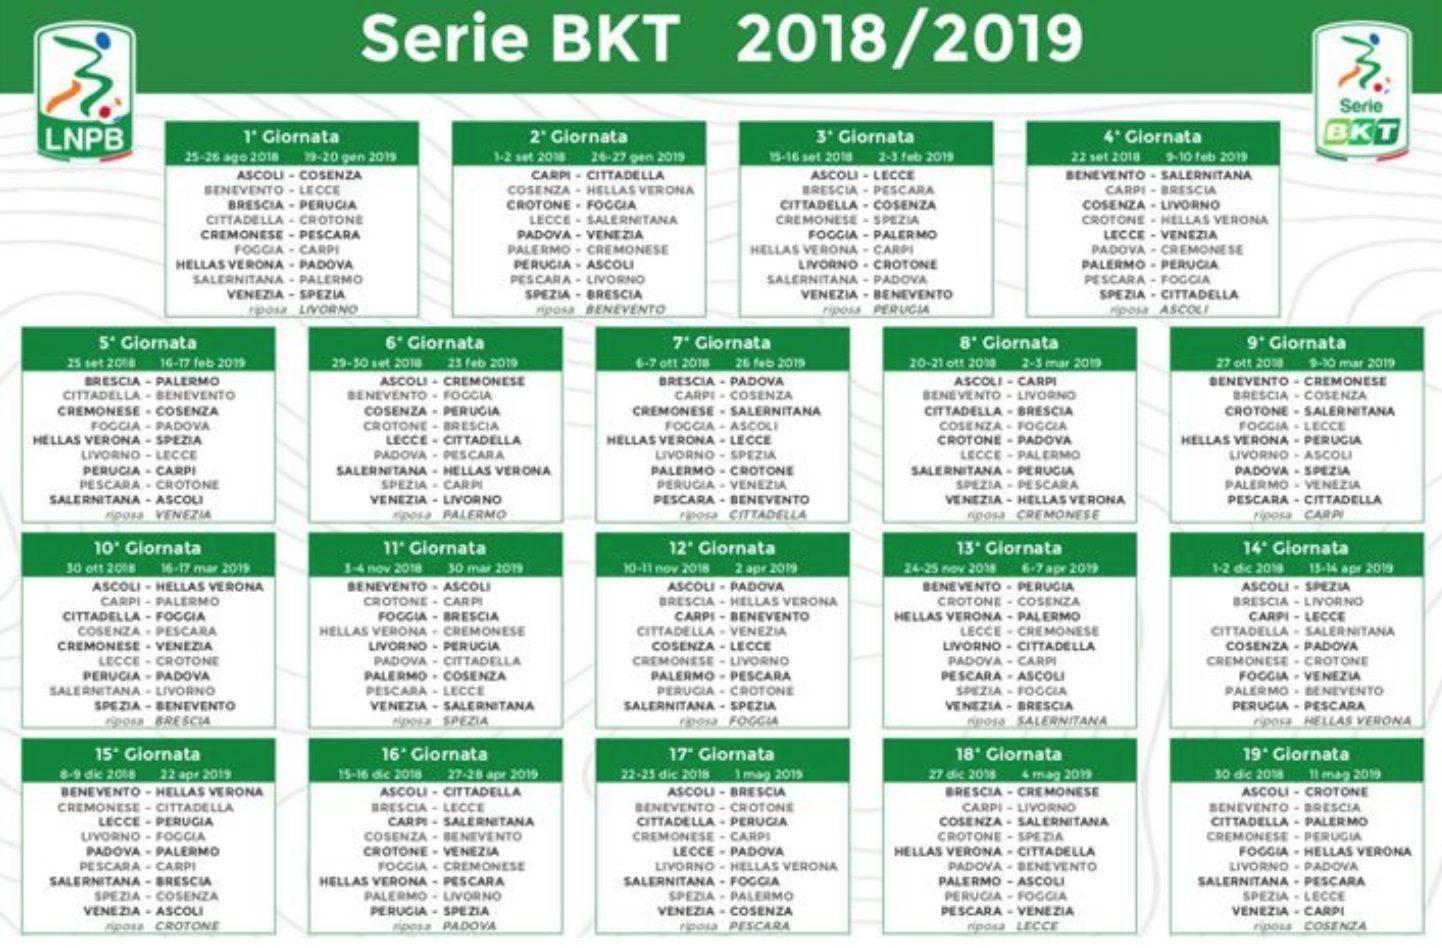 Calendario Salernitana.Serie B 2018 2019 Tra Denunce E Polemiche Ecco Il